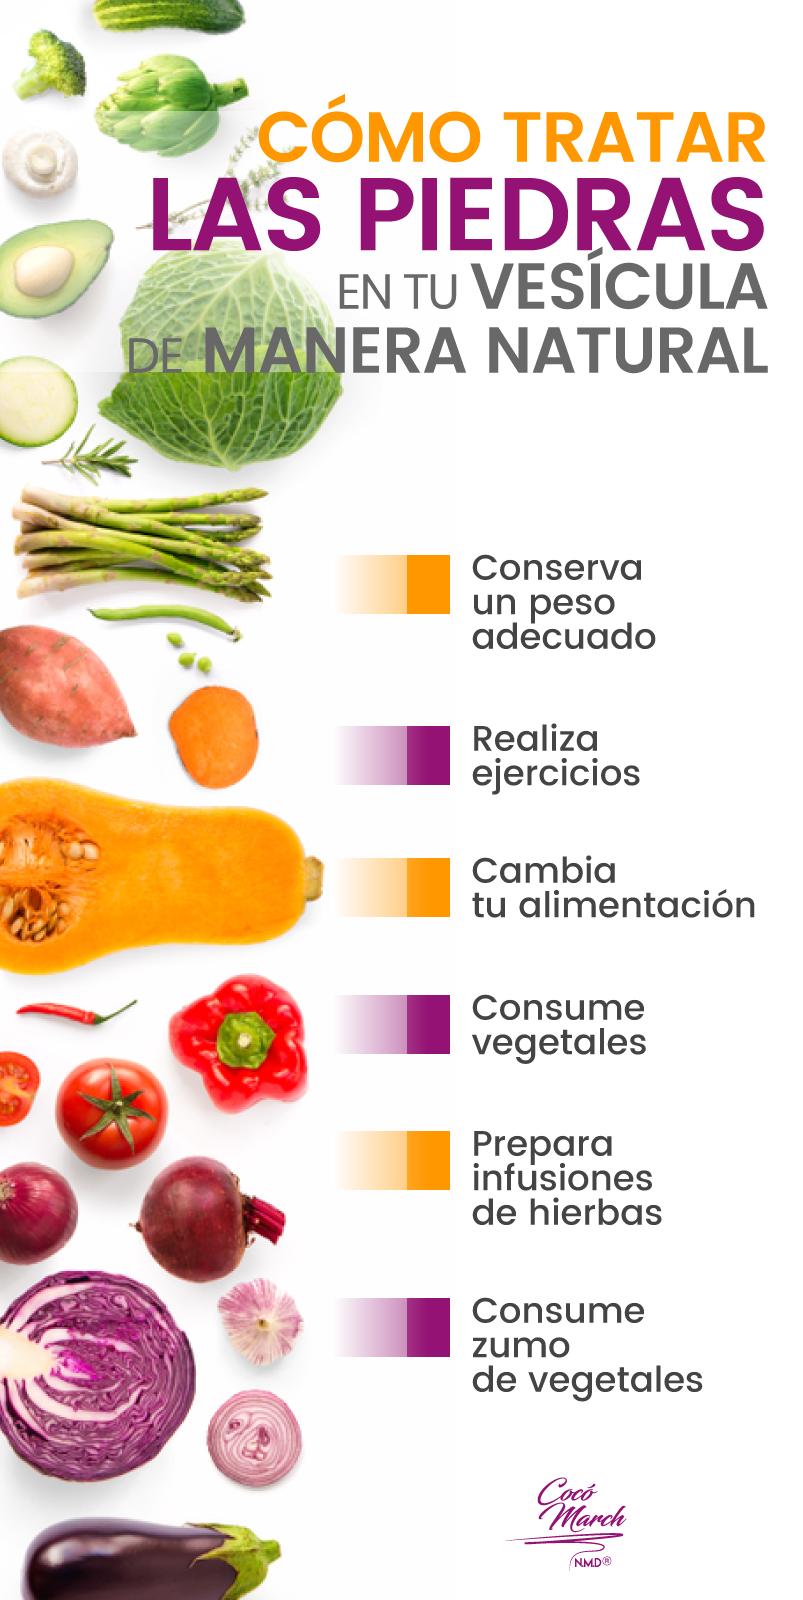 Dieta para evitar calculos biliares